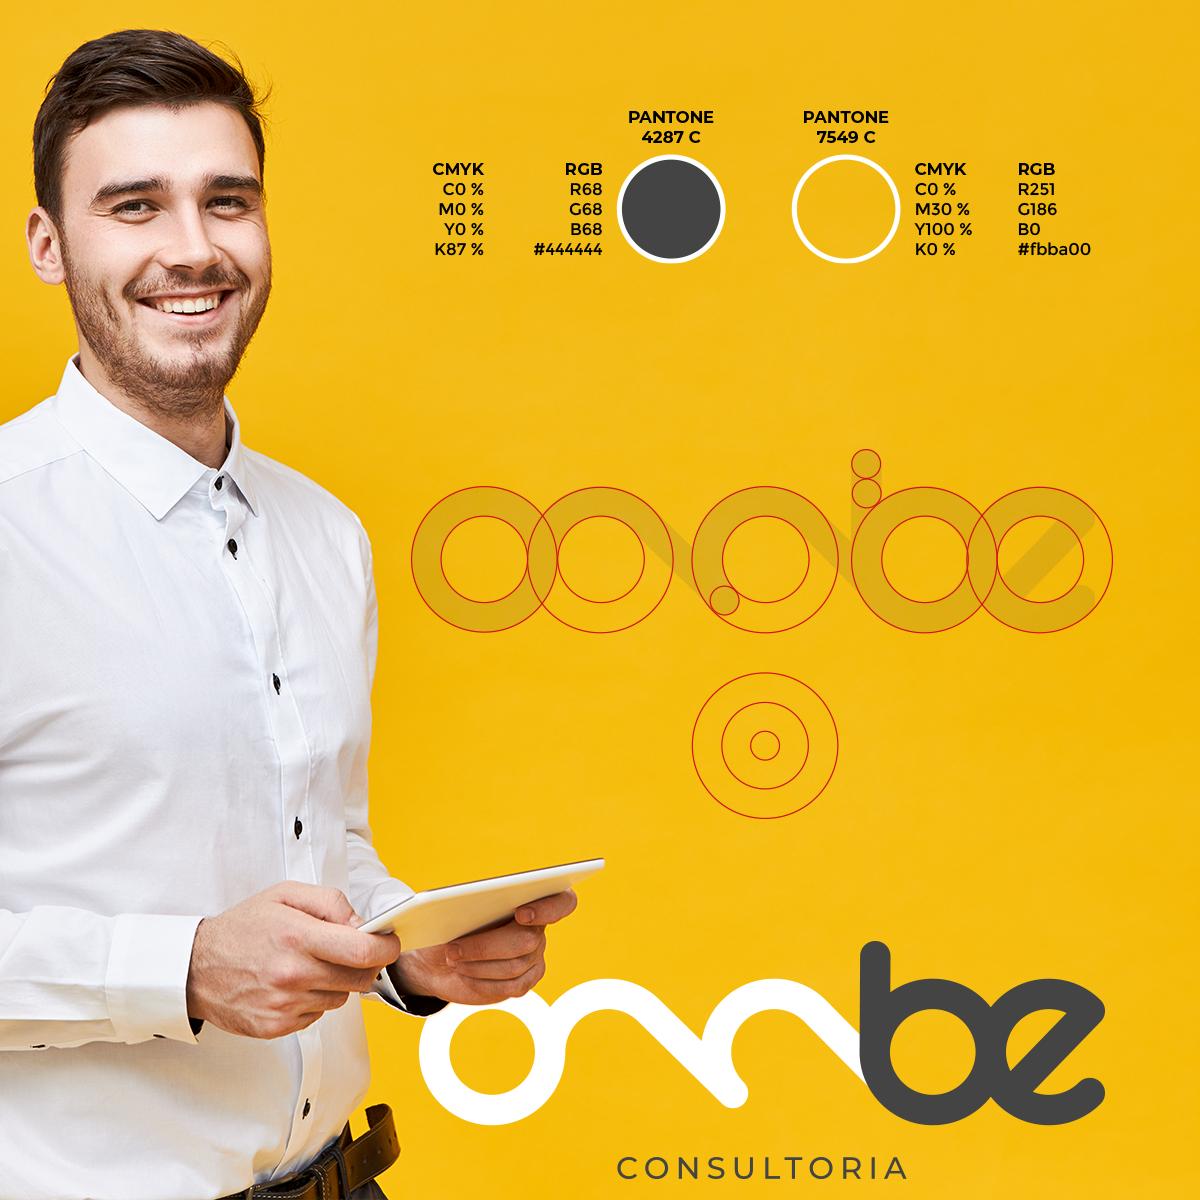 branding-onnbe